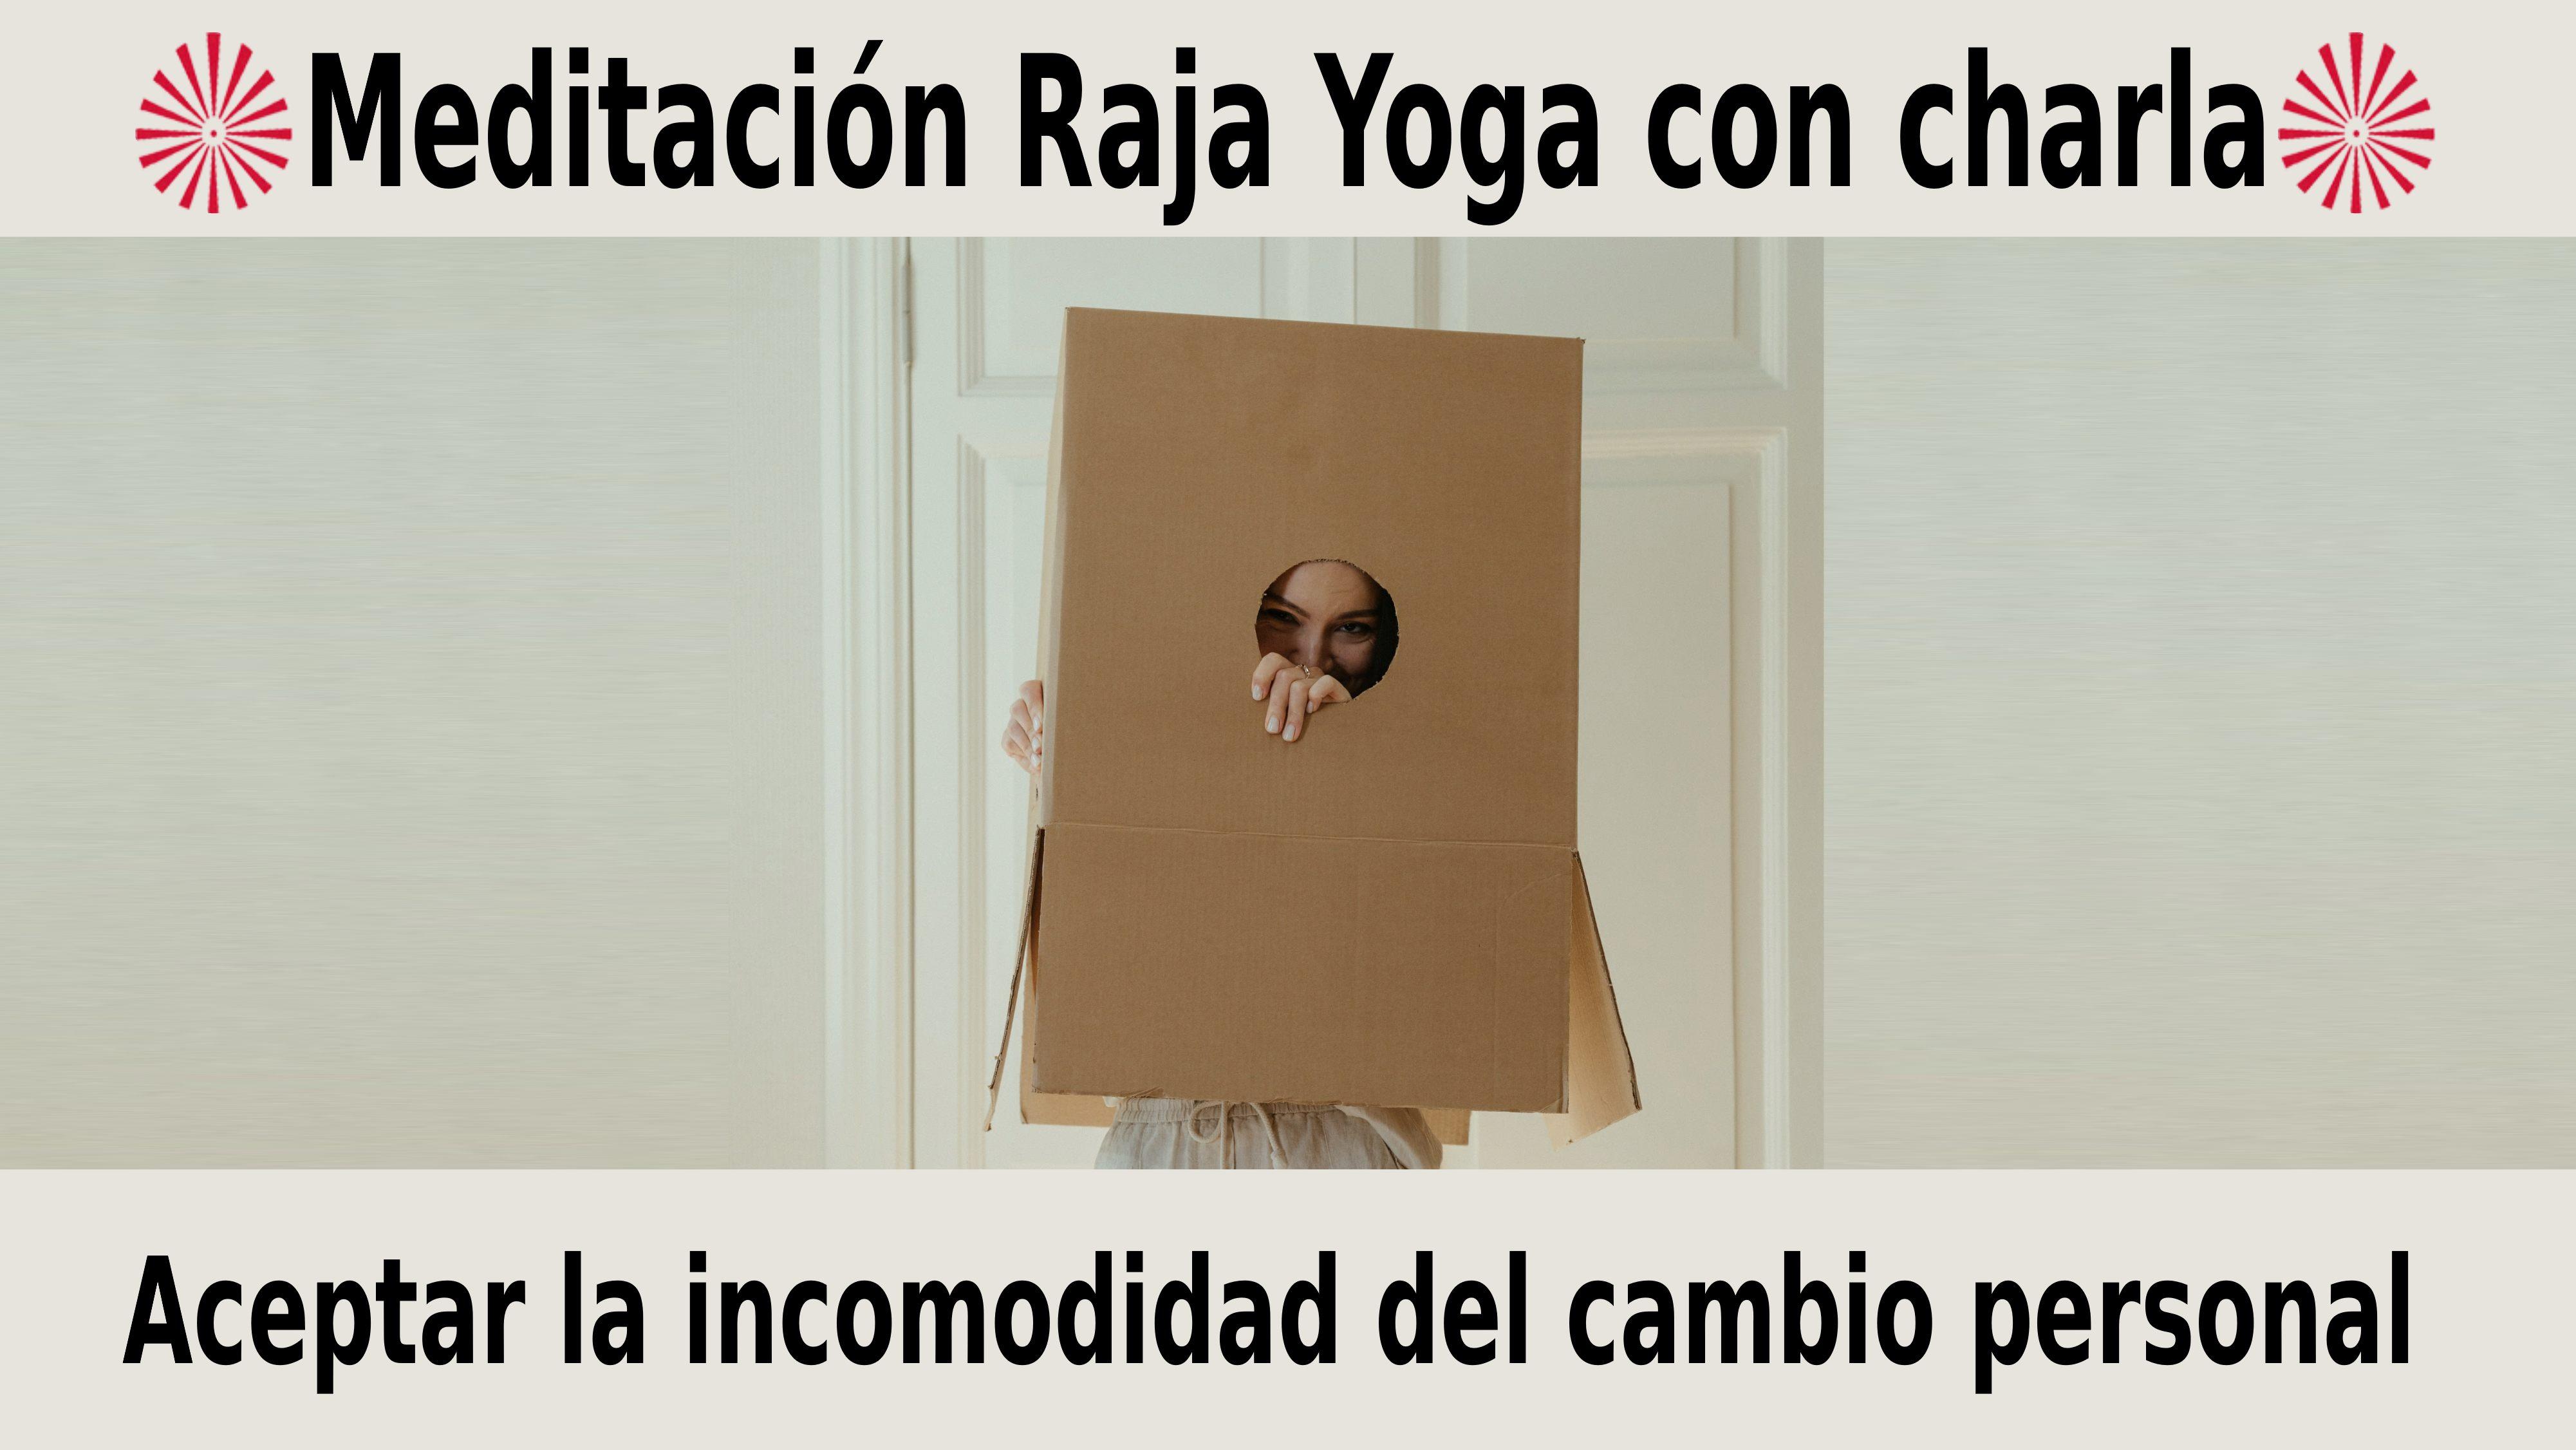 Meditación Raja Yoga con charla:  Aceptar la incomodidad del cambio personal  (20 Noviembre 2020)